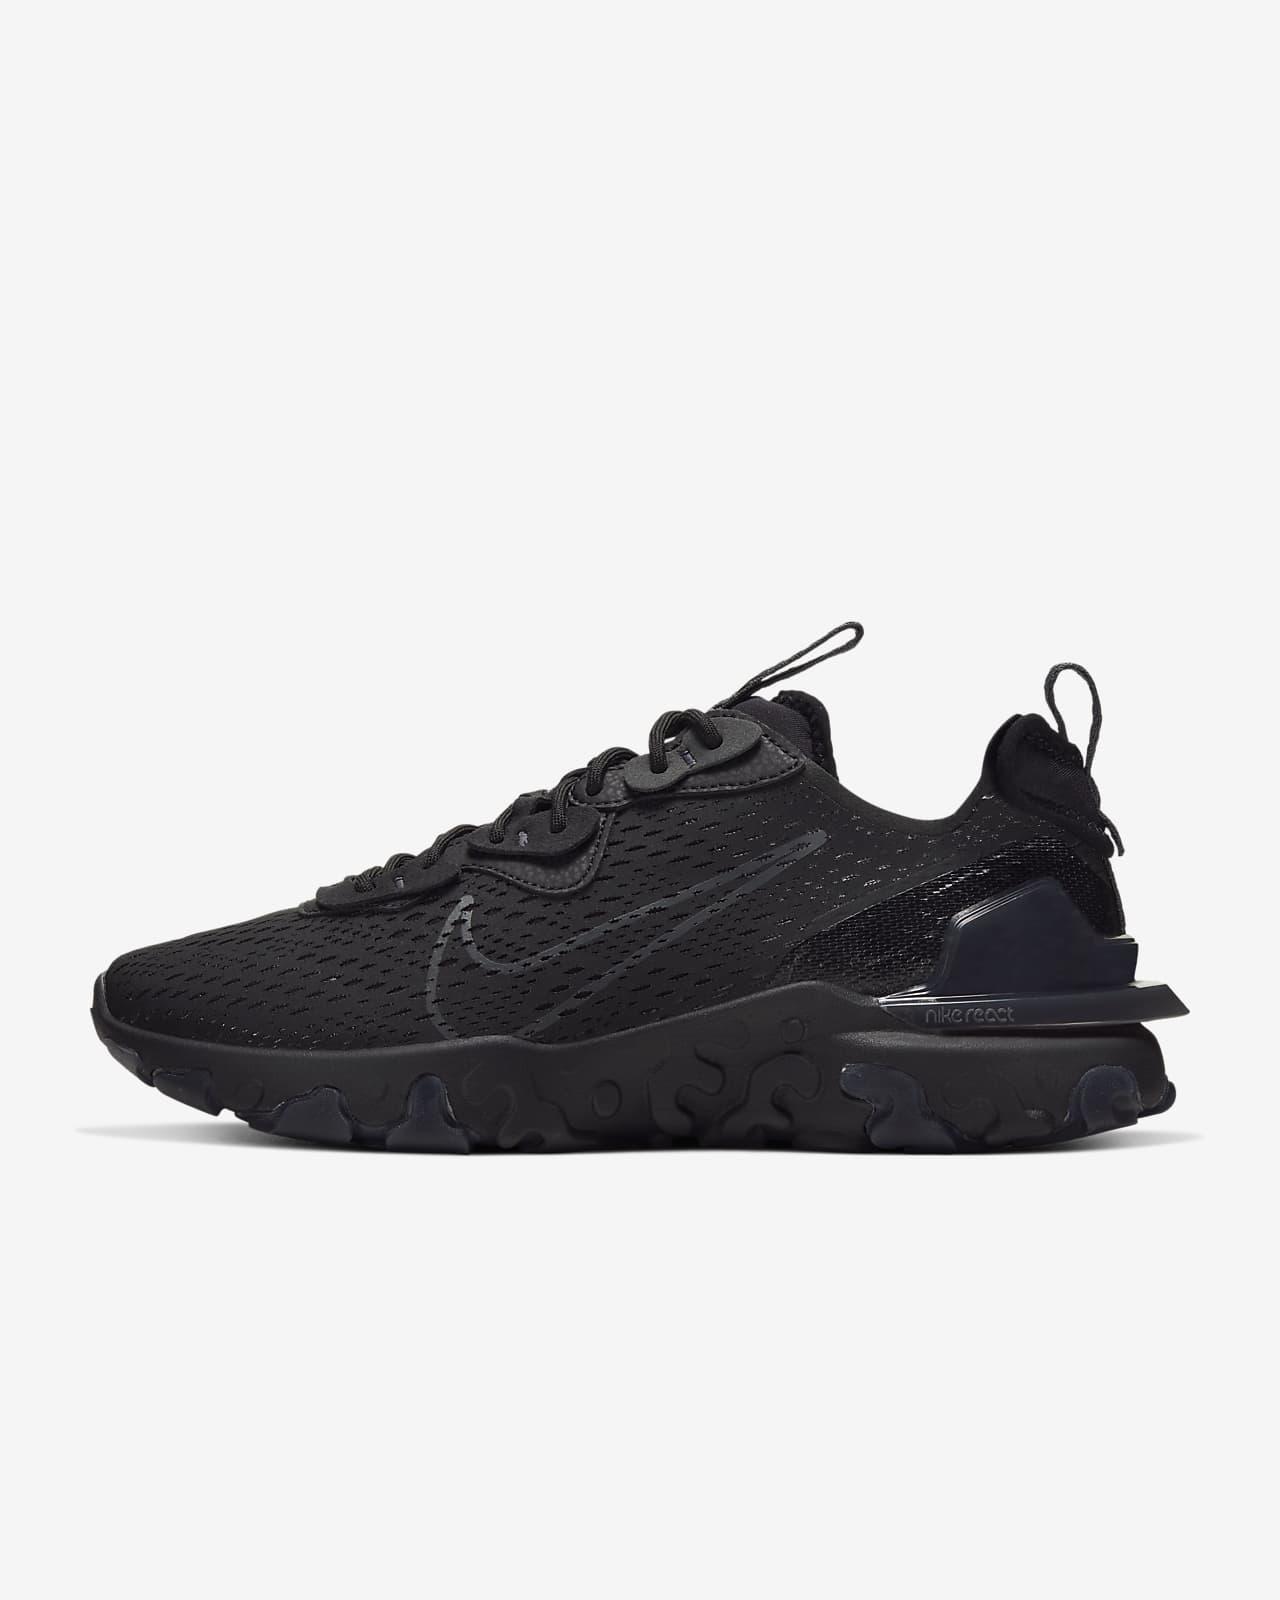 Ανδρικό παπούτσι Nike React Vision